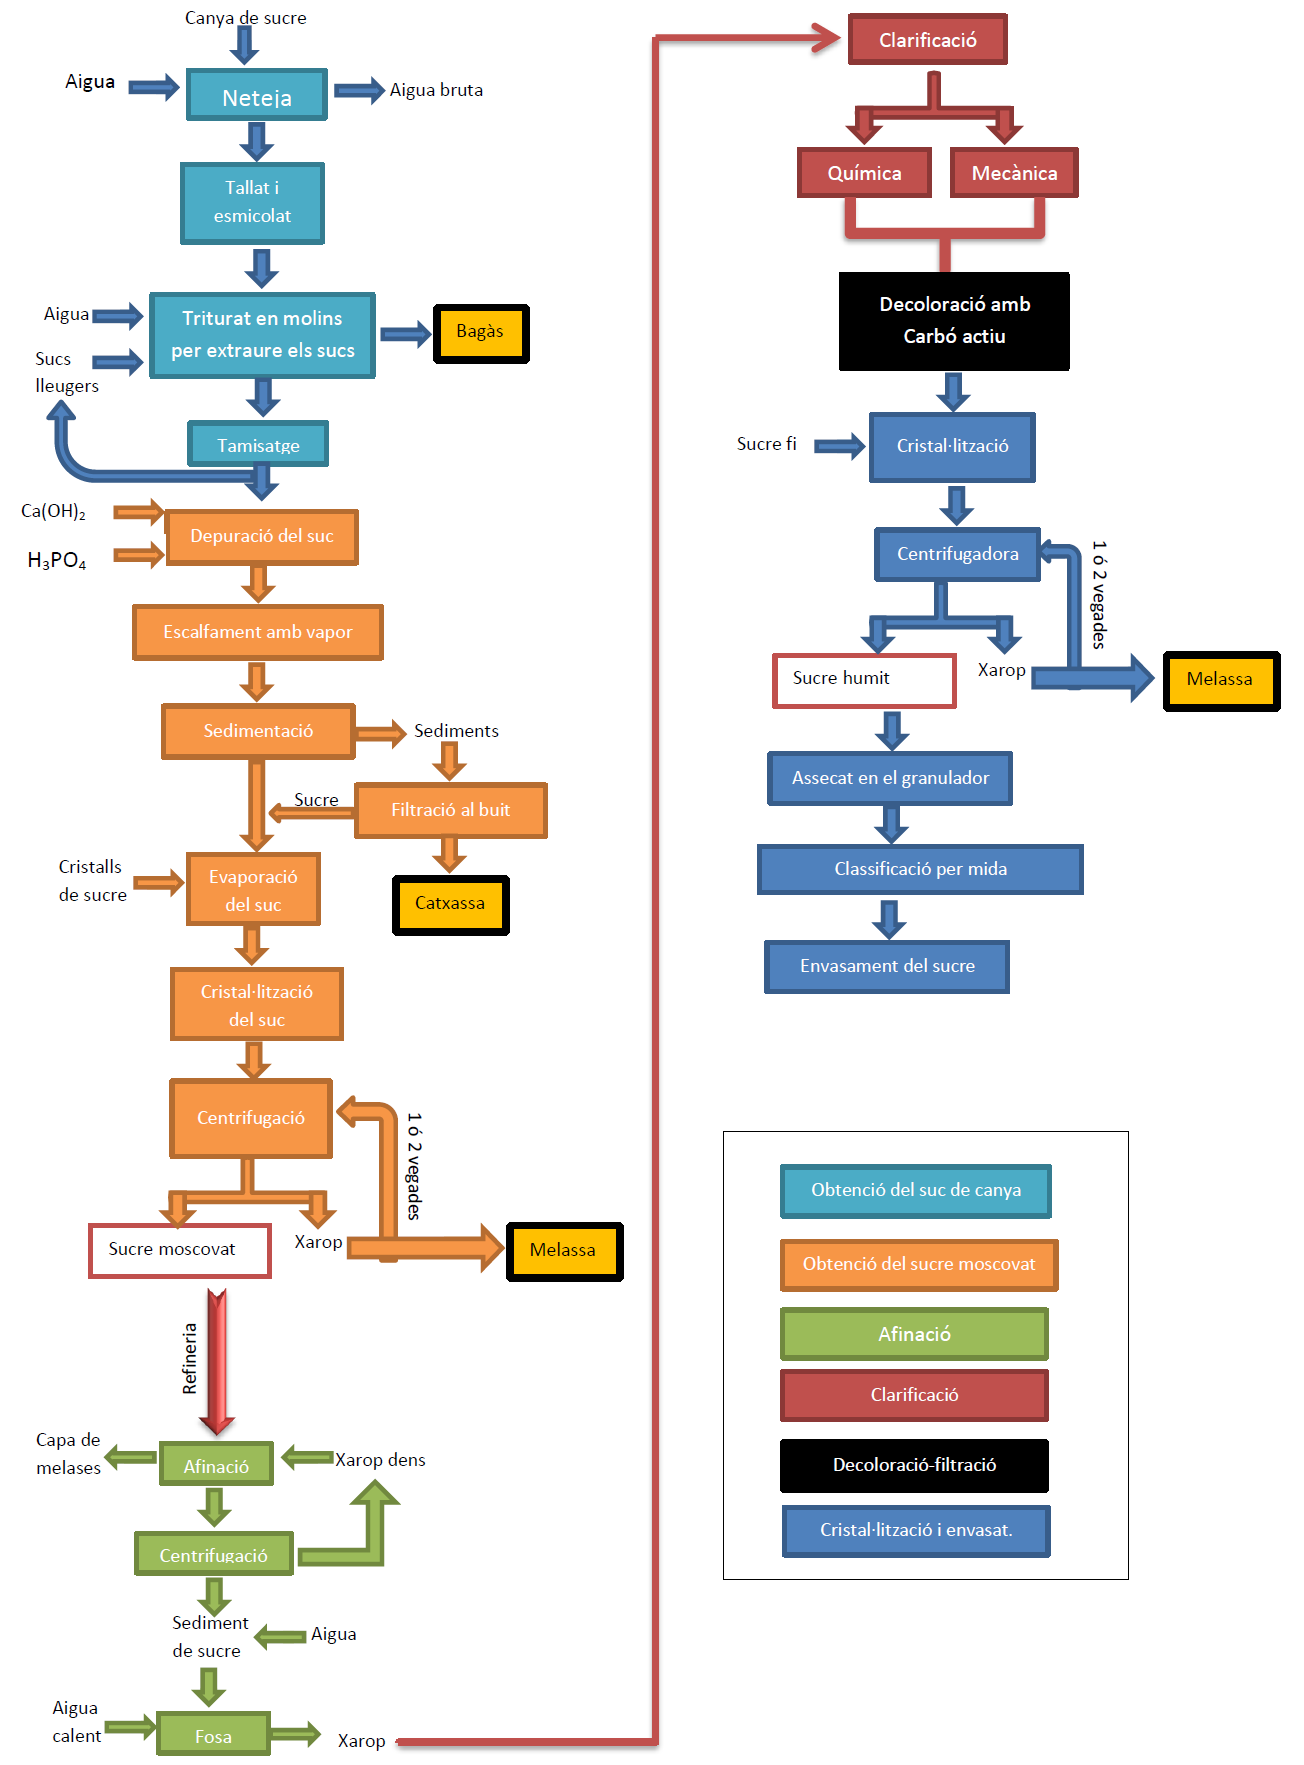 File Diagrama De Flux Sucre De Canya Png